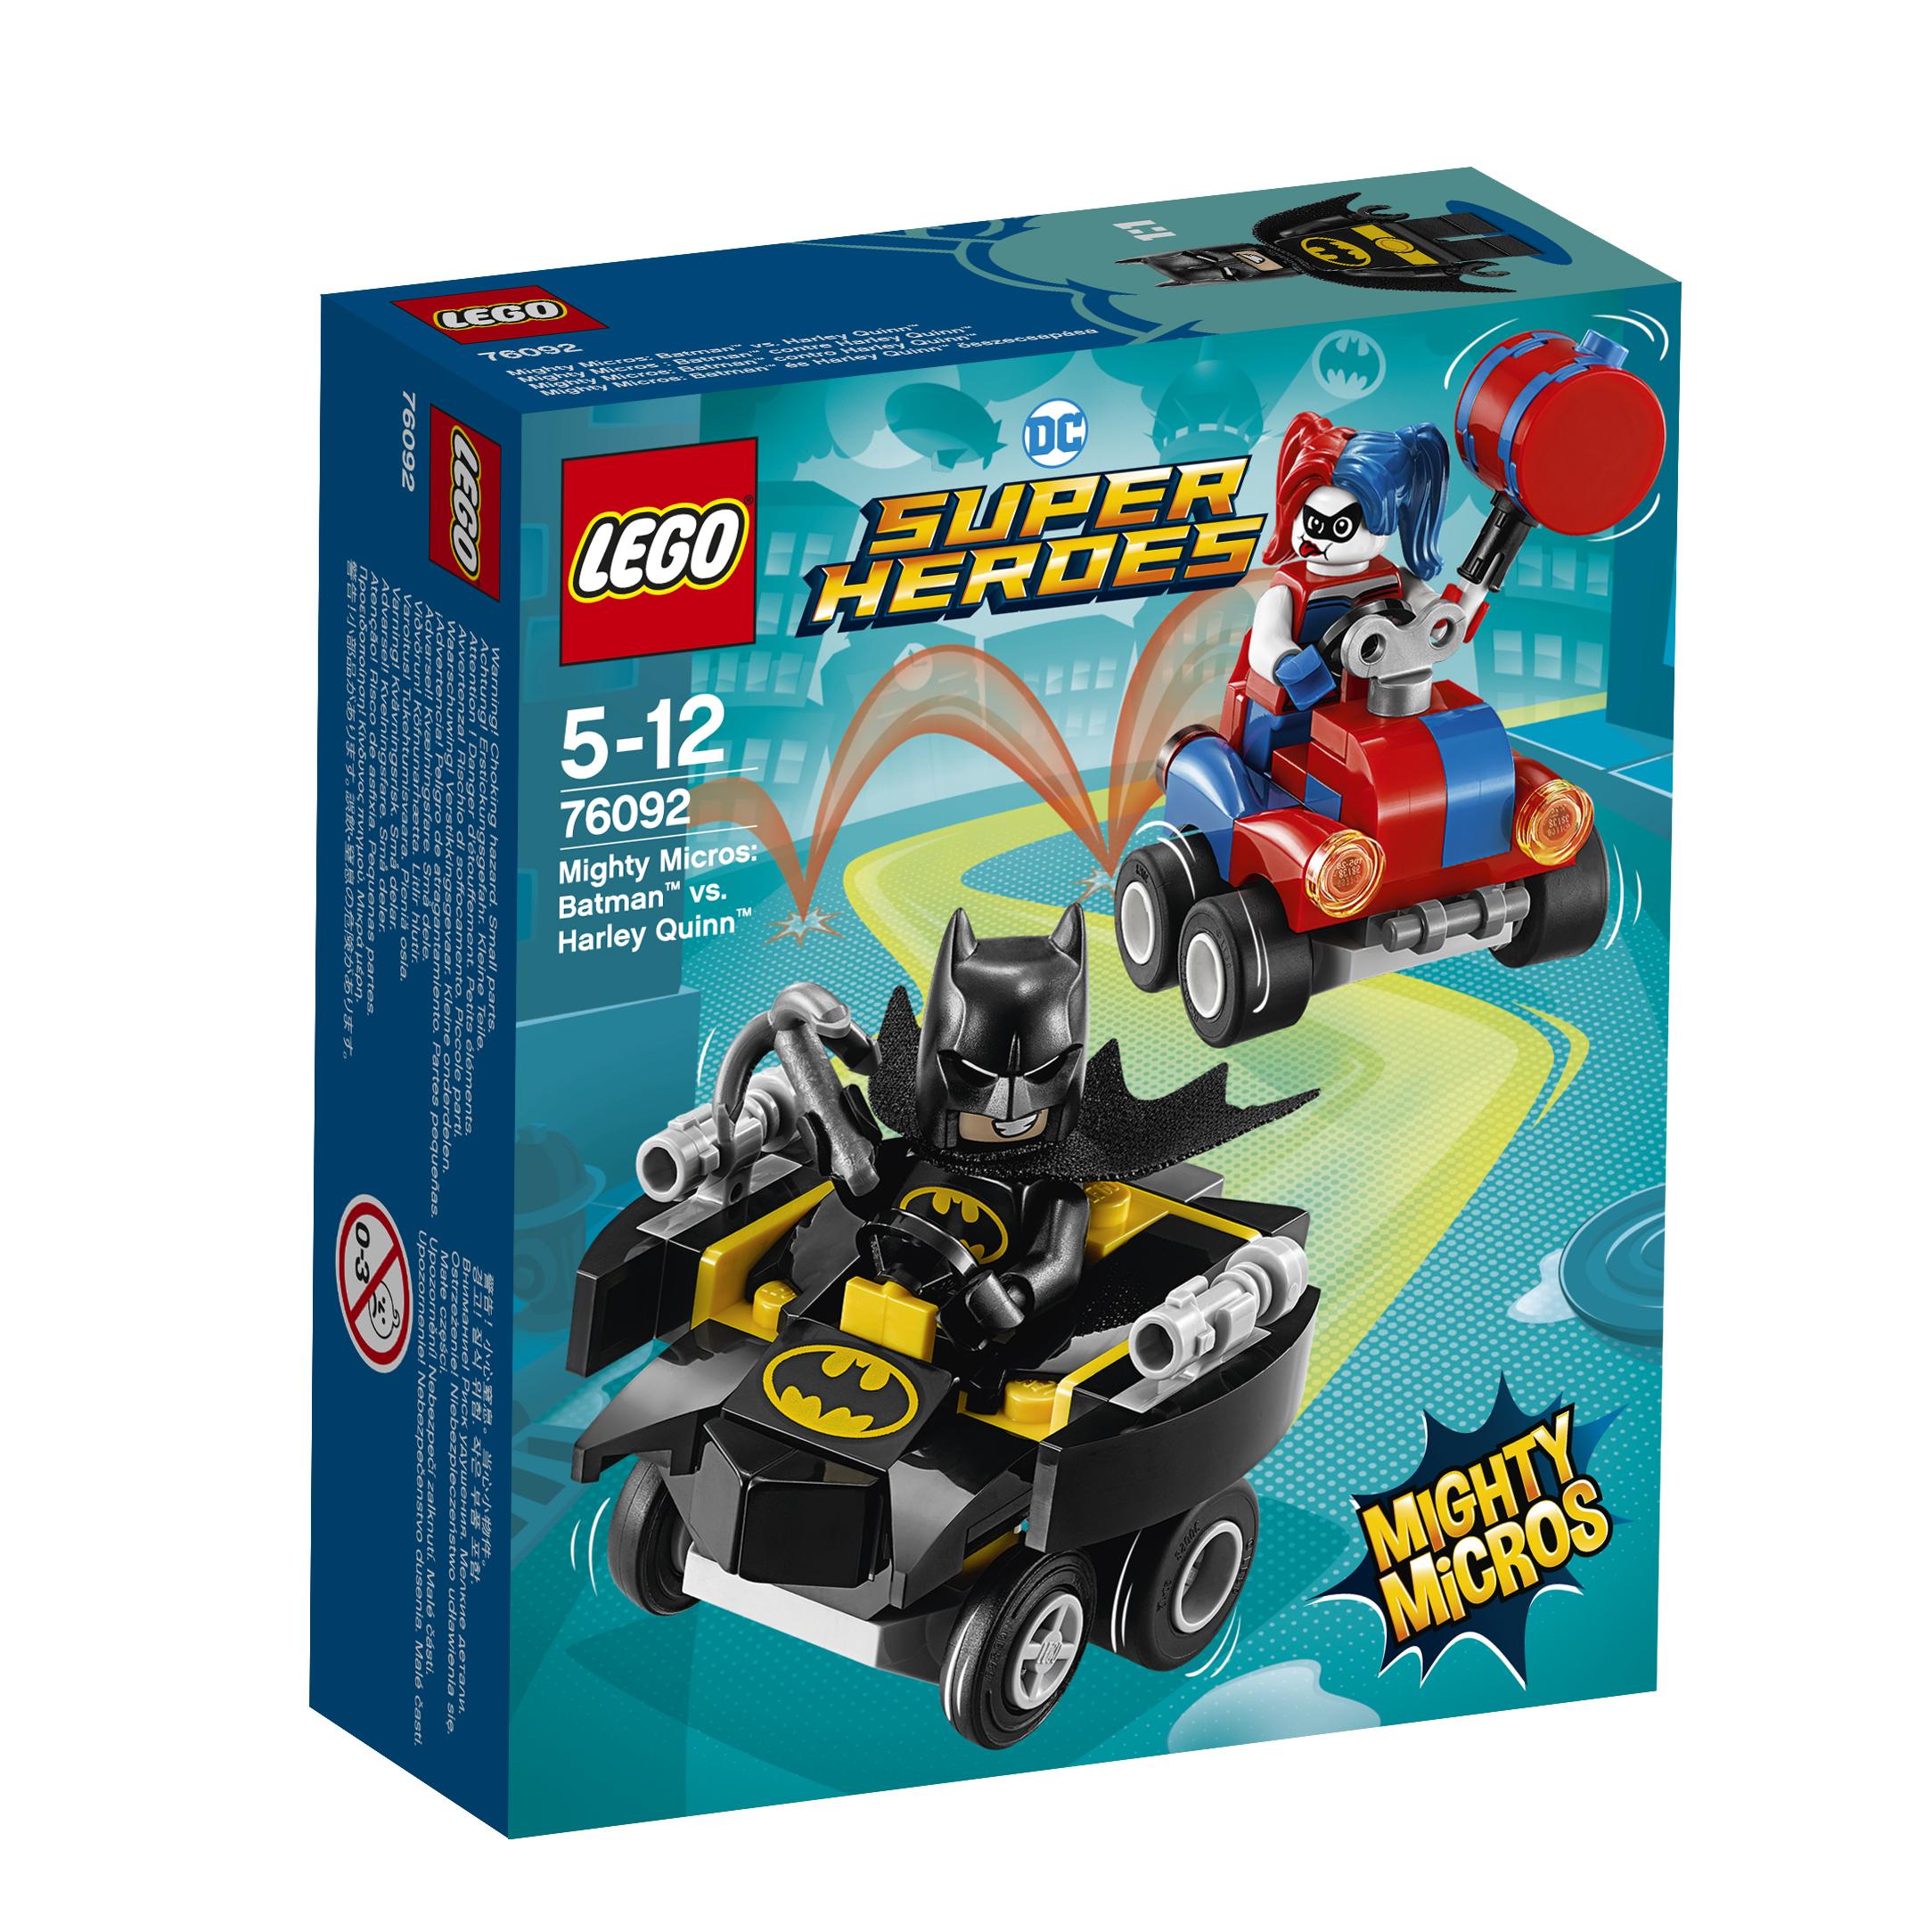 LEGO LEGO 76092 Бэтмен против Харли Квин lego super heroes конструктор mighty micros бэтмен против харли квин 76092